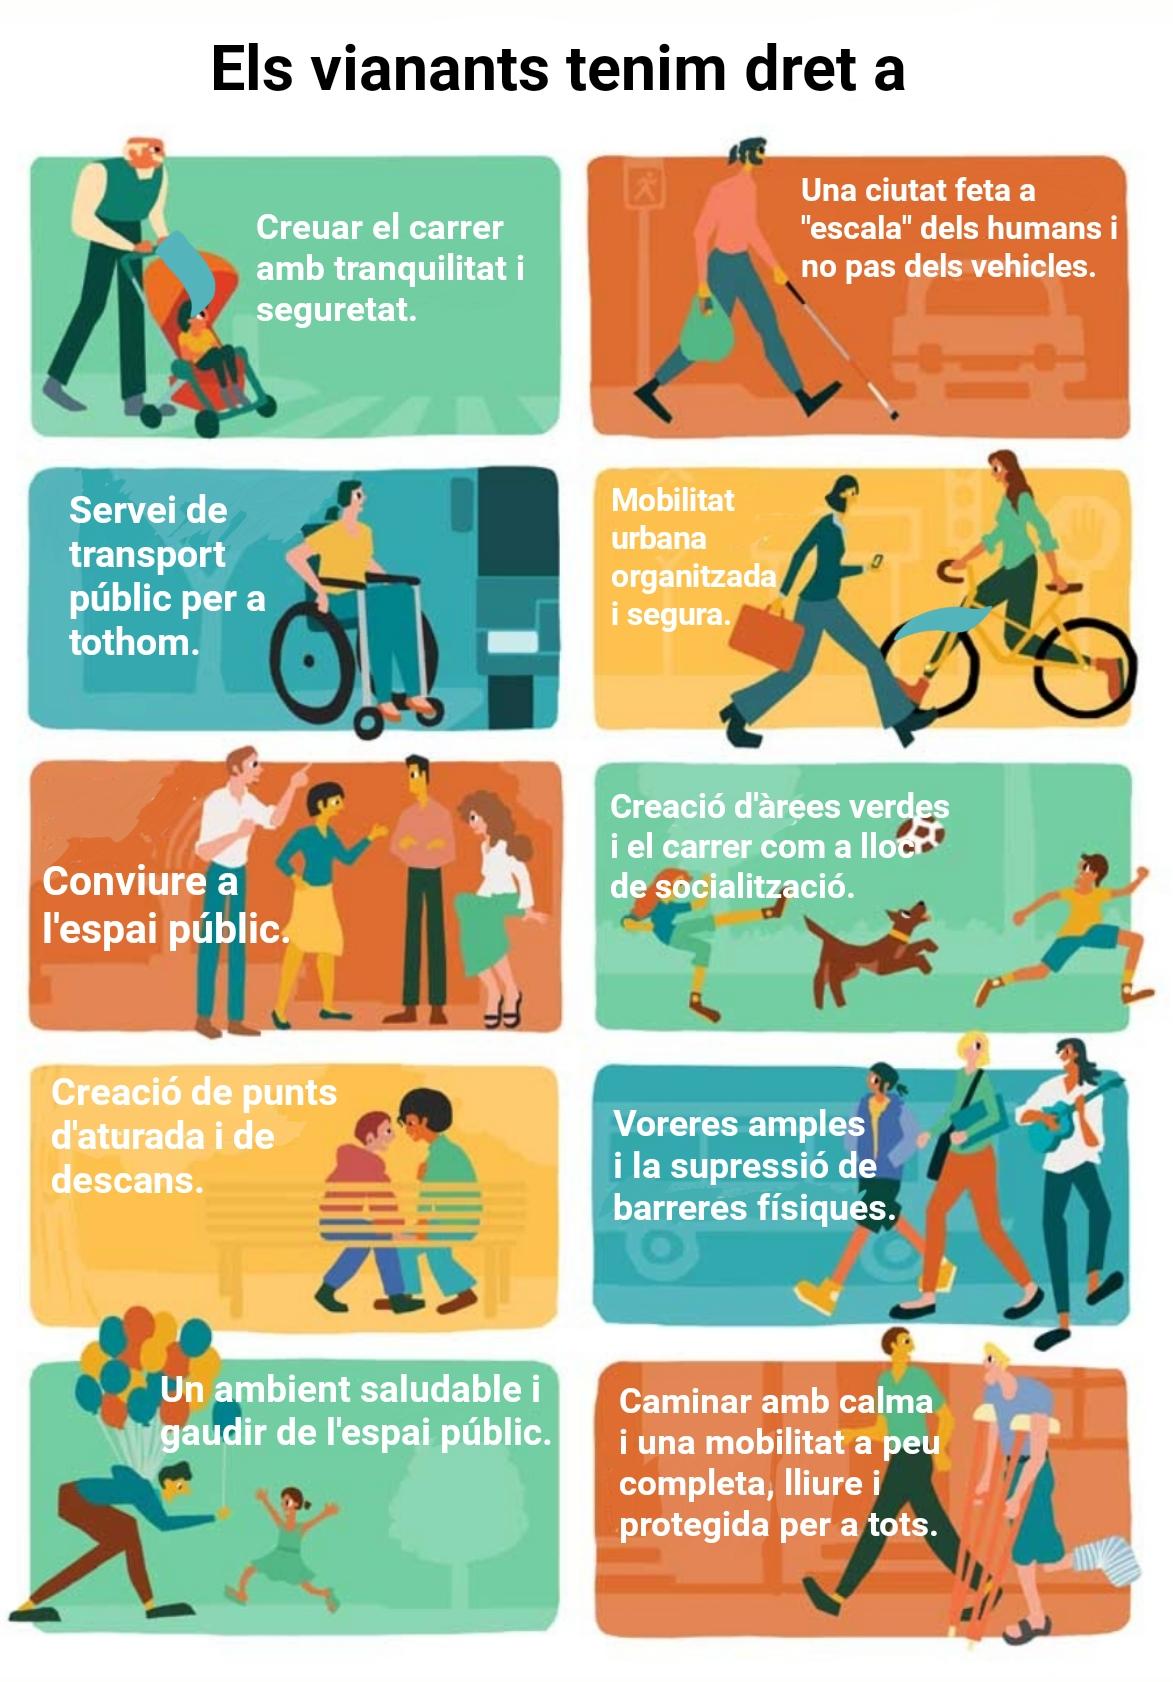 Drets del vianants peatones Estartit